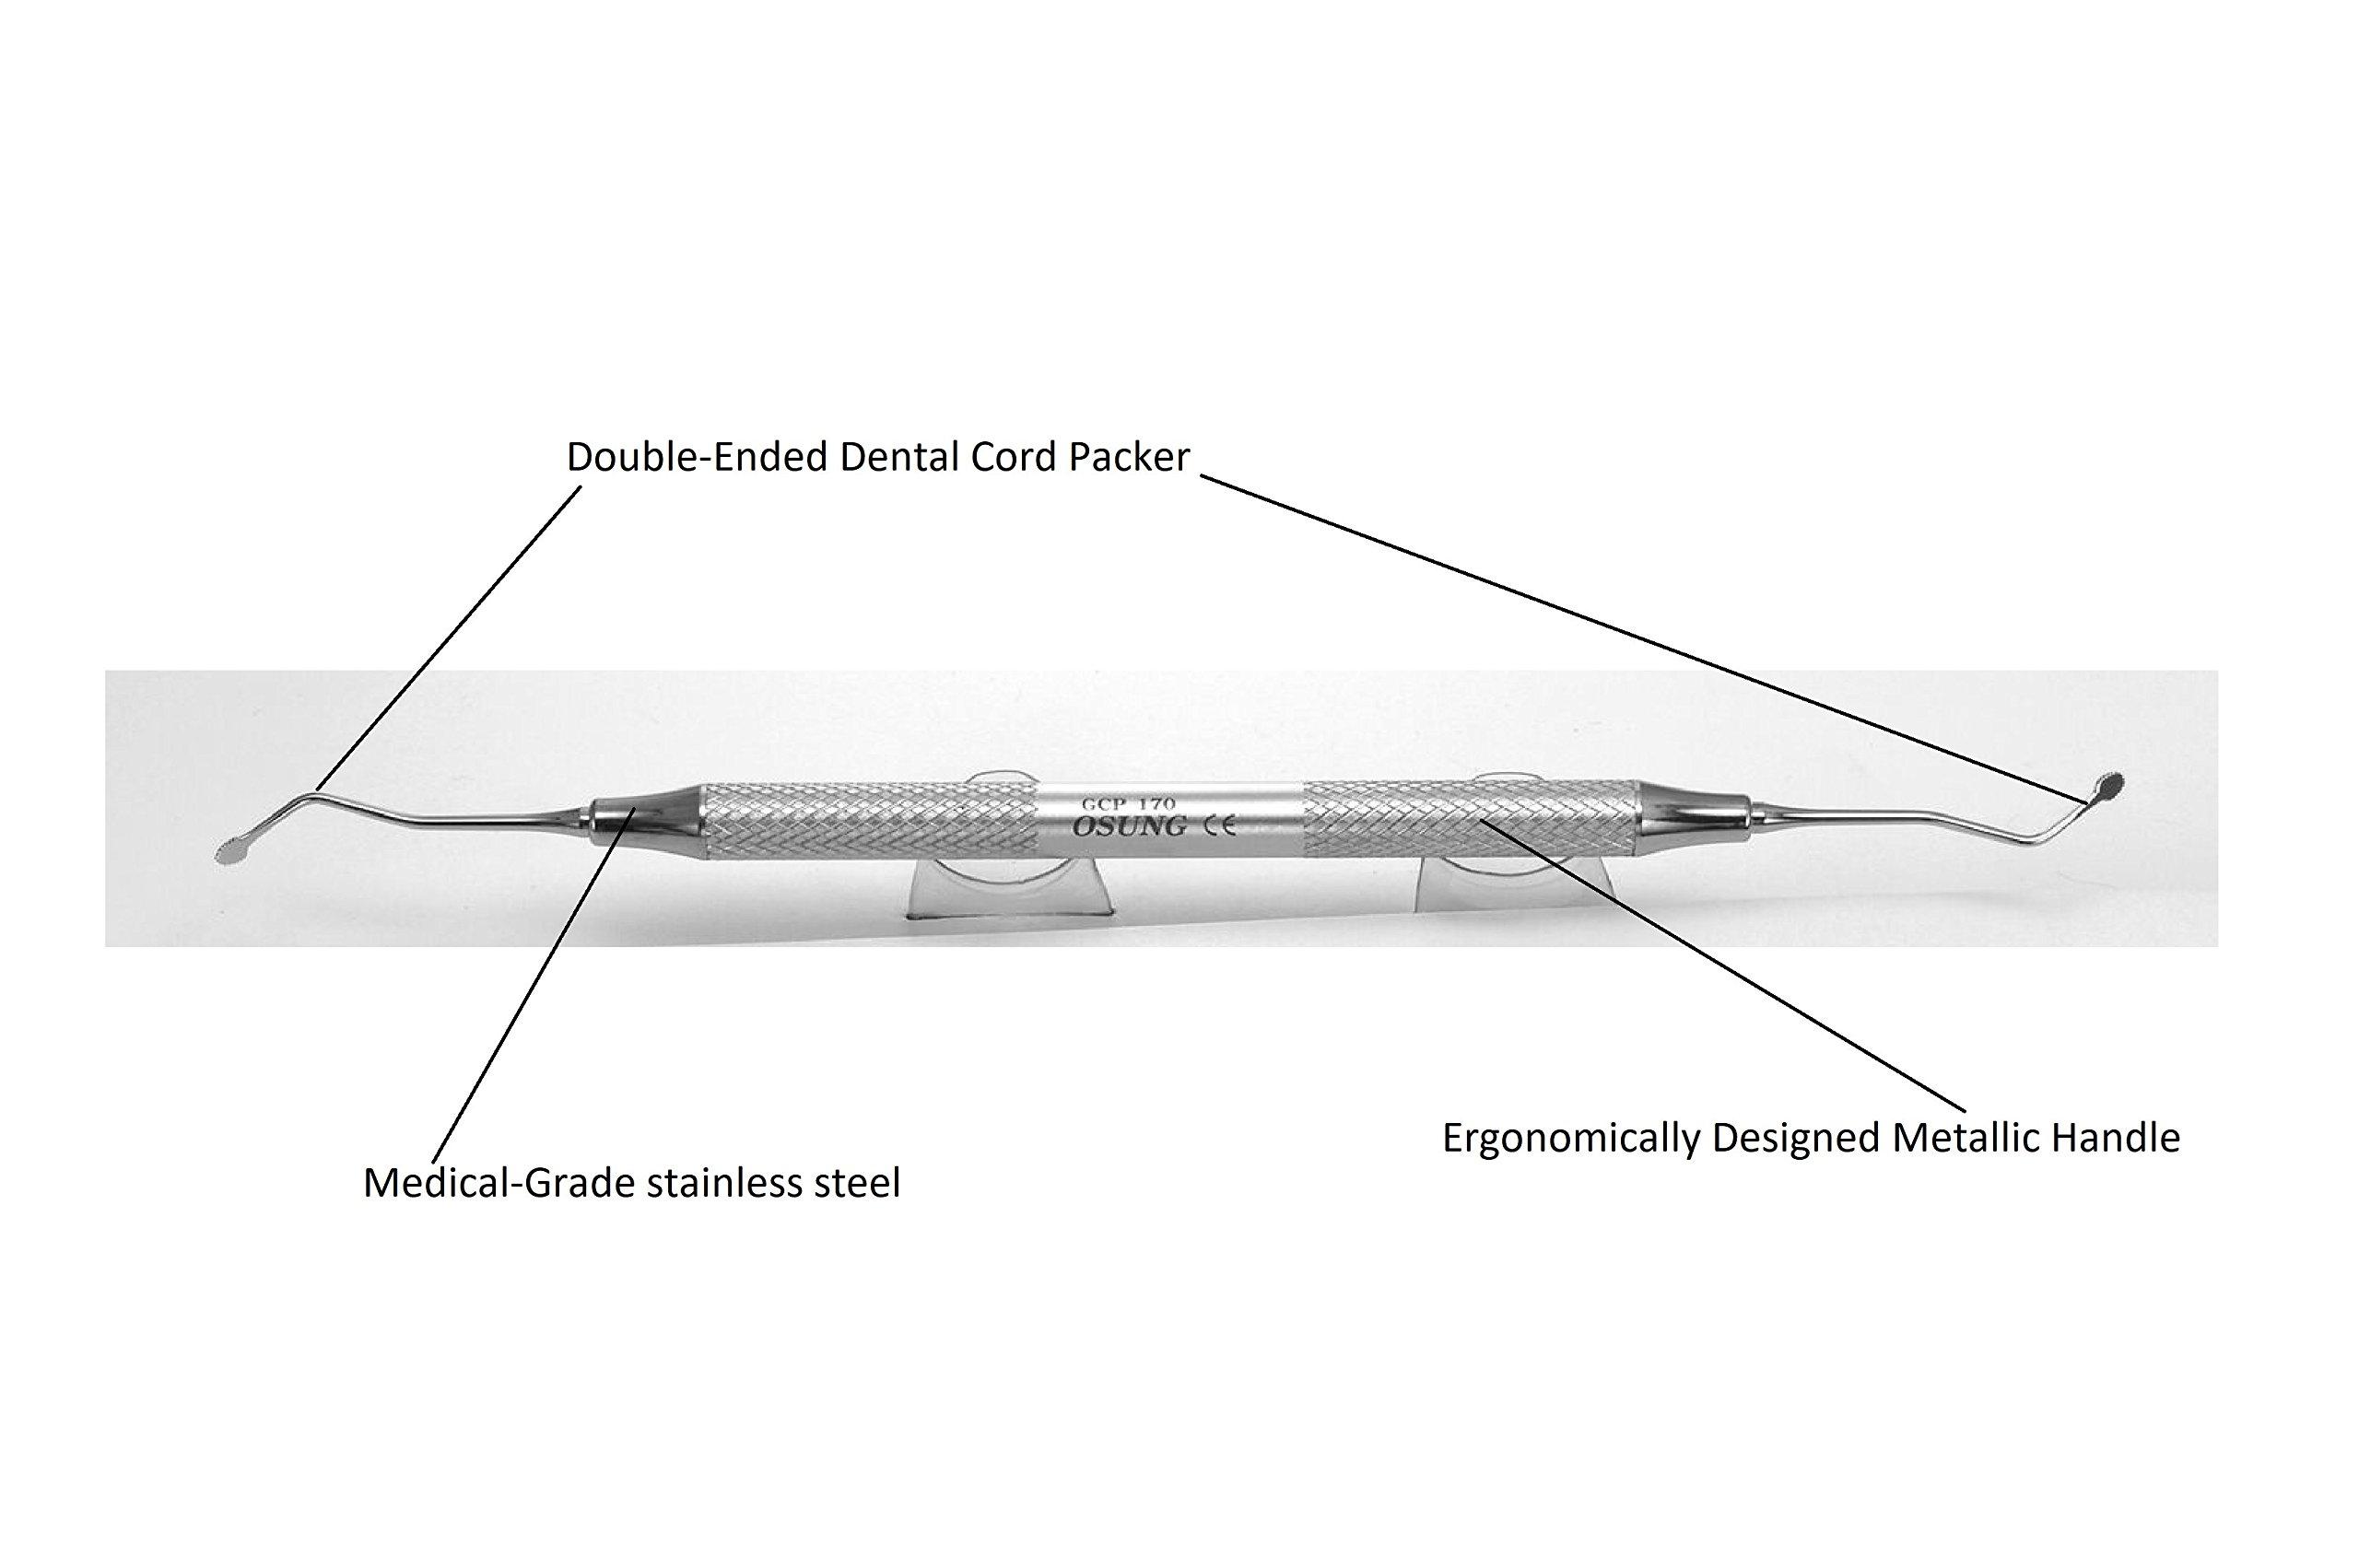 Osung GCP170 Dental Cord Packer, Gingival